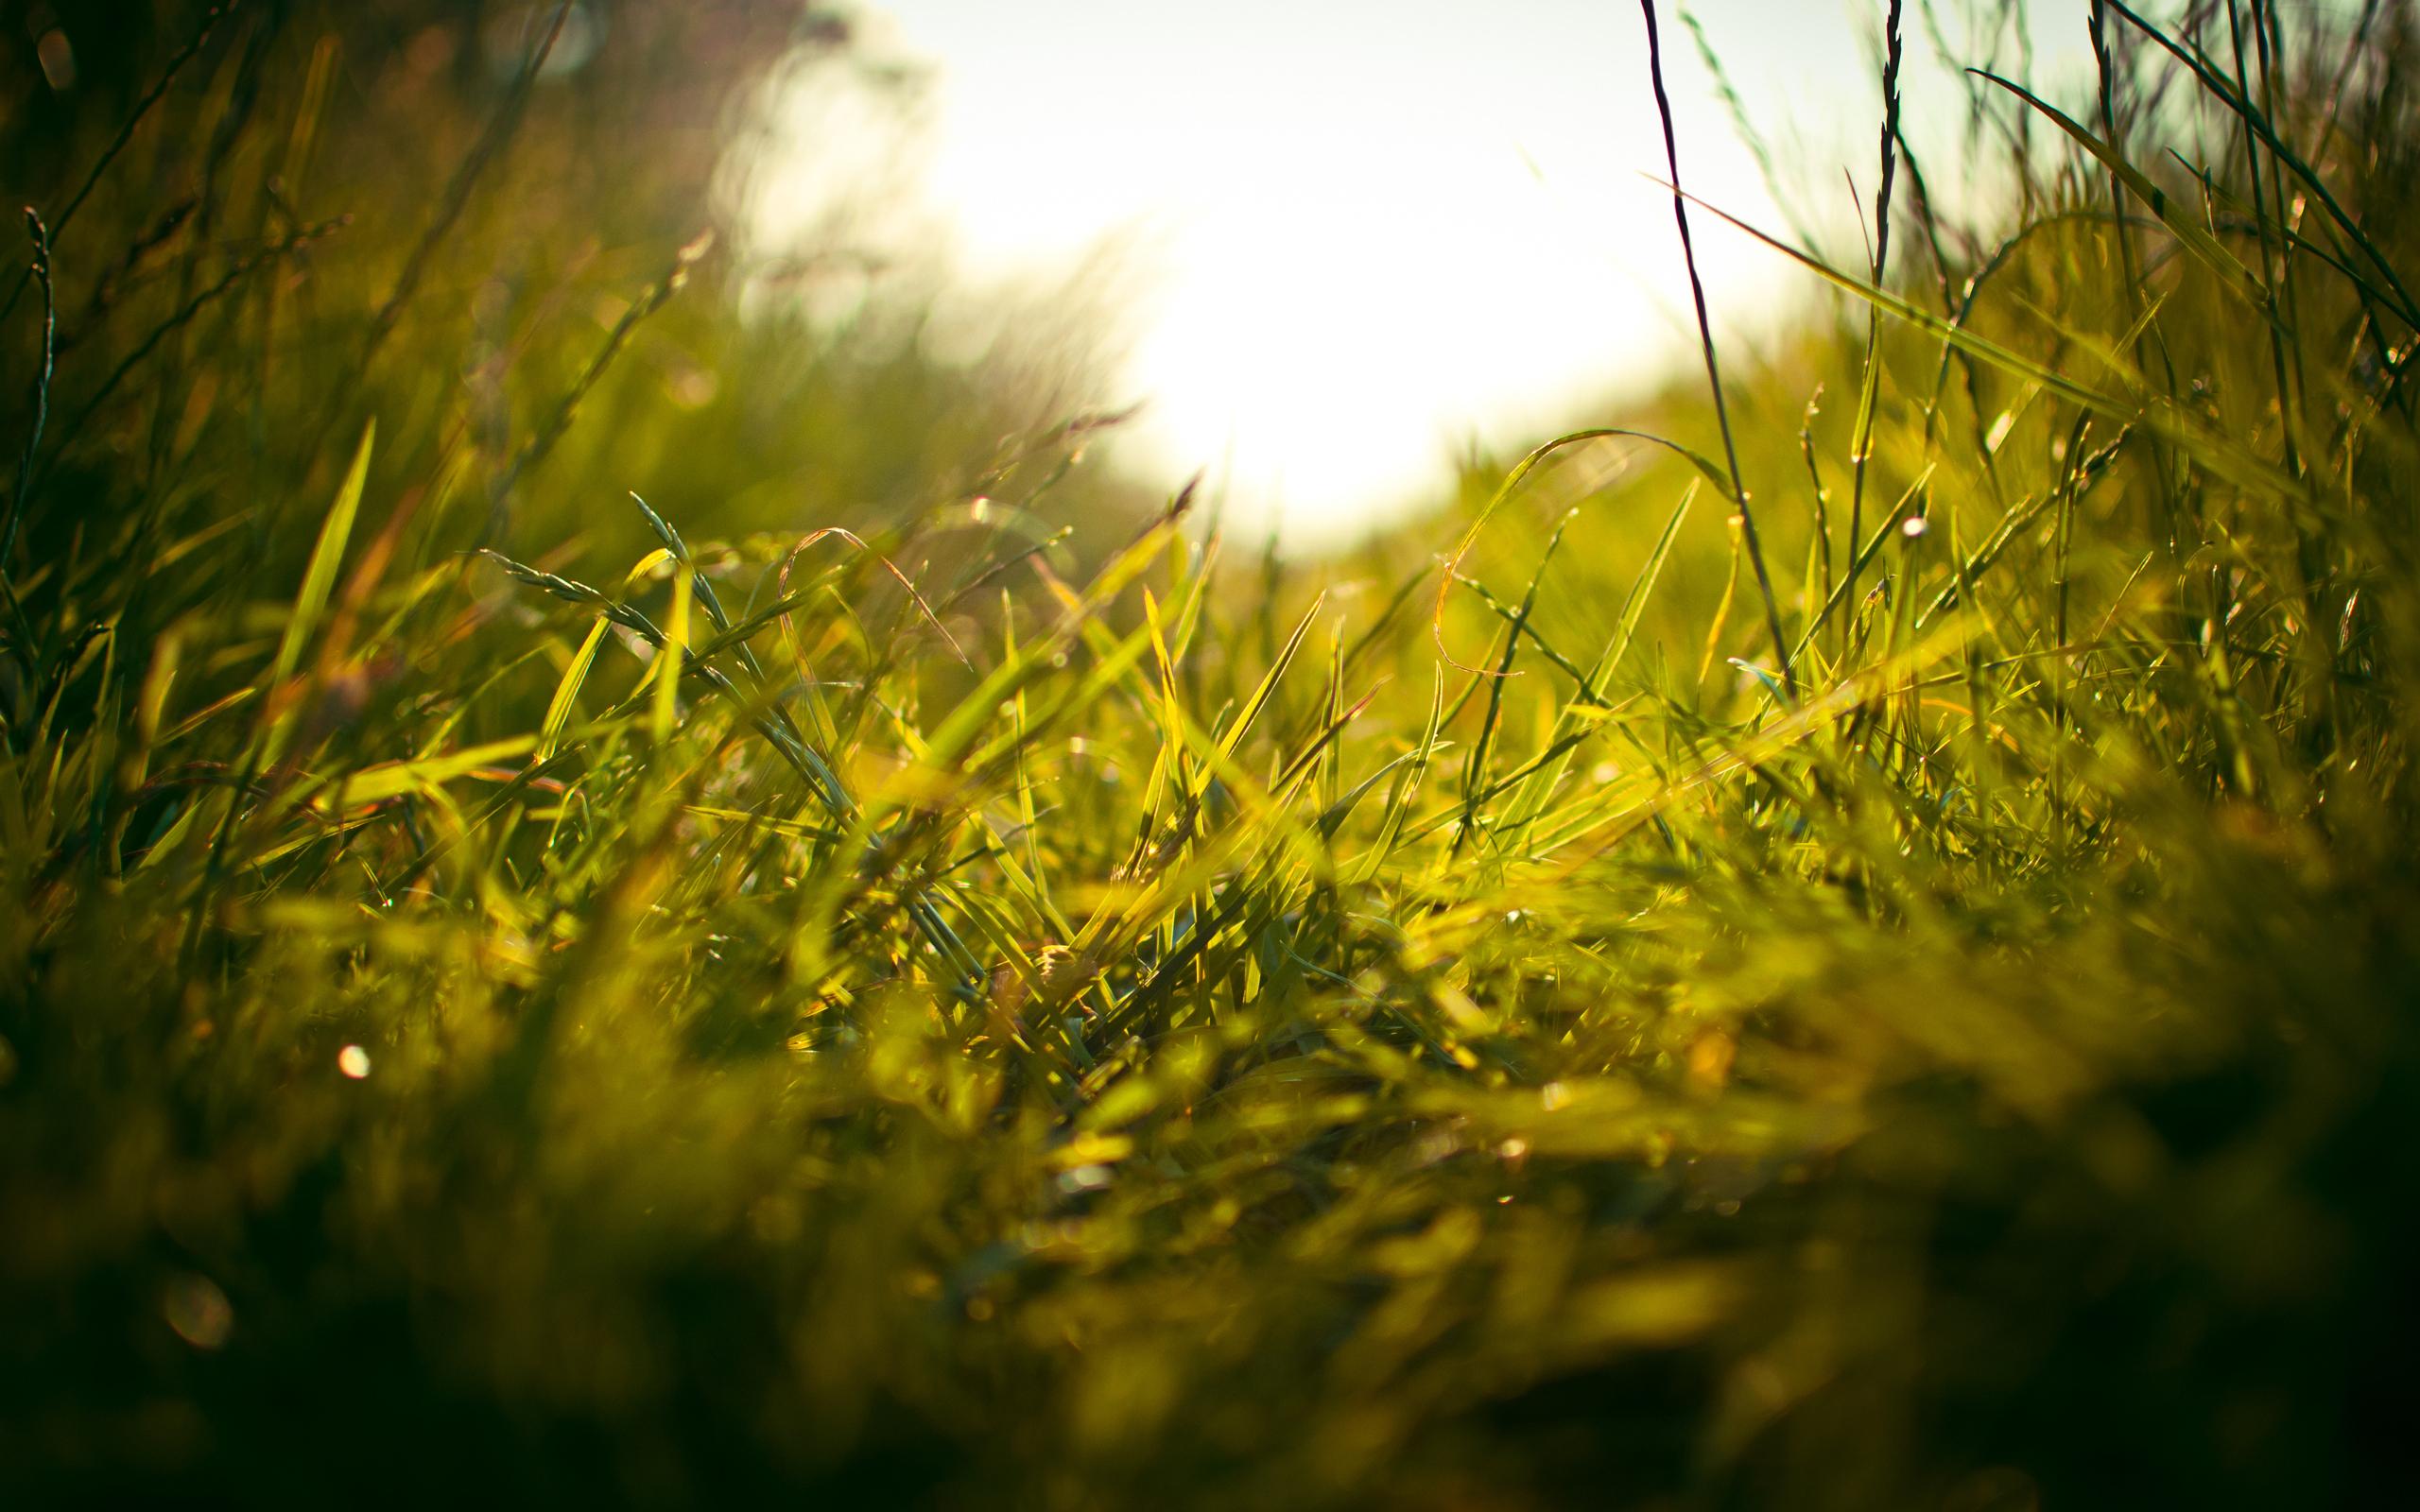 Девочка лучи тропинка трава  № 3725935 бесплатно